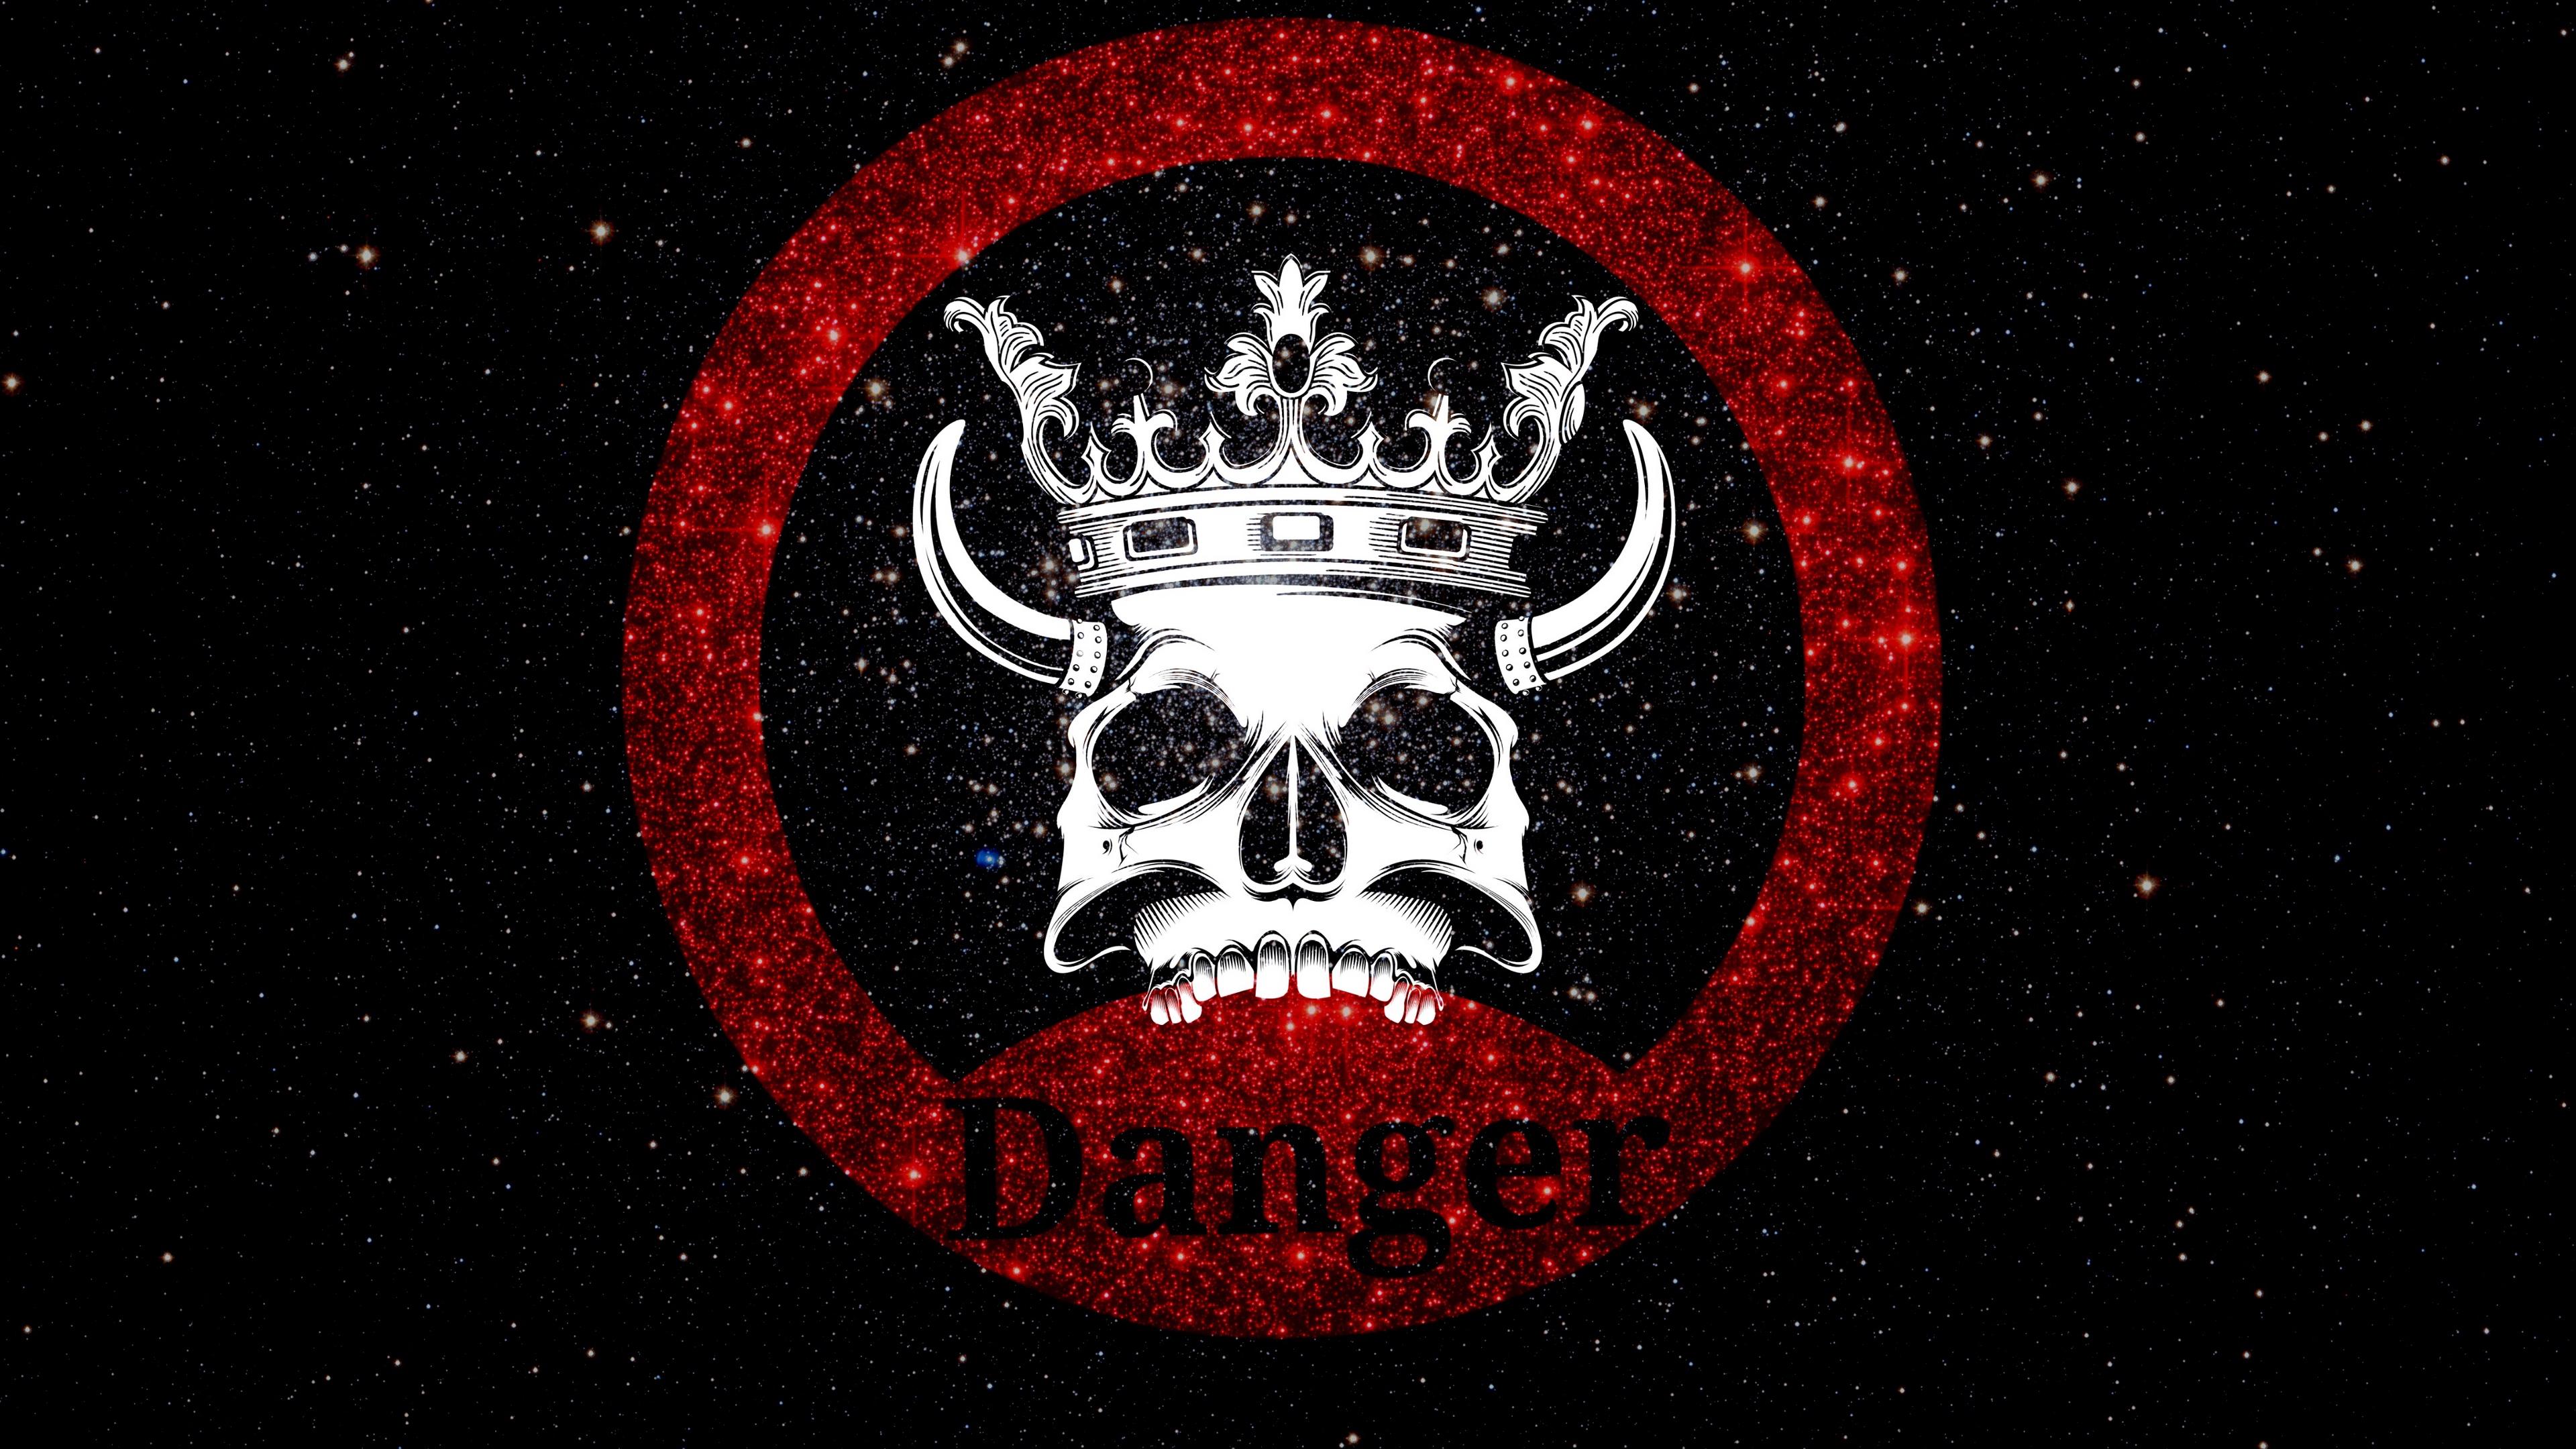 skull crown danger inscription shine 4k 1541971173 - skull, crown, danger, inscription, shine 4k - Skull, danger, Crown